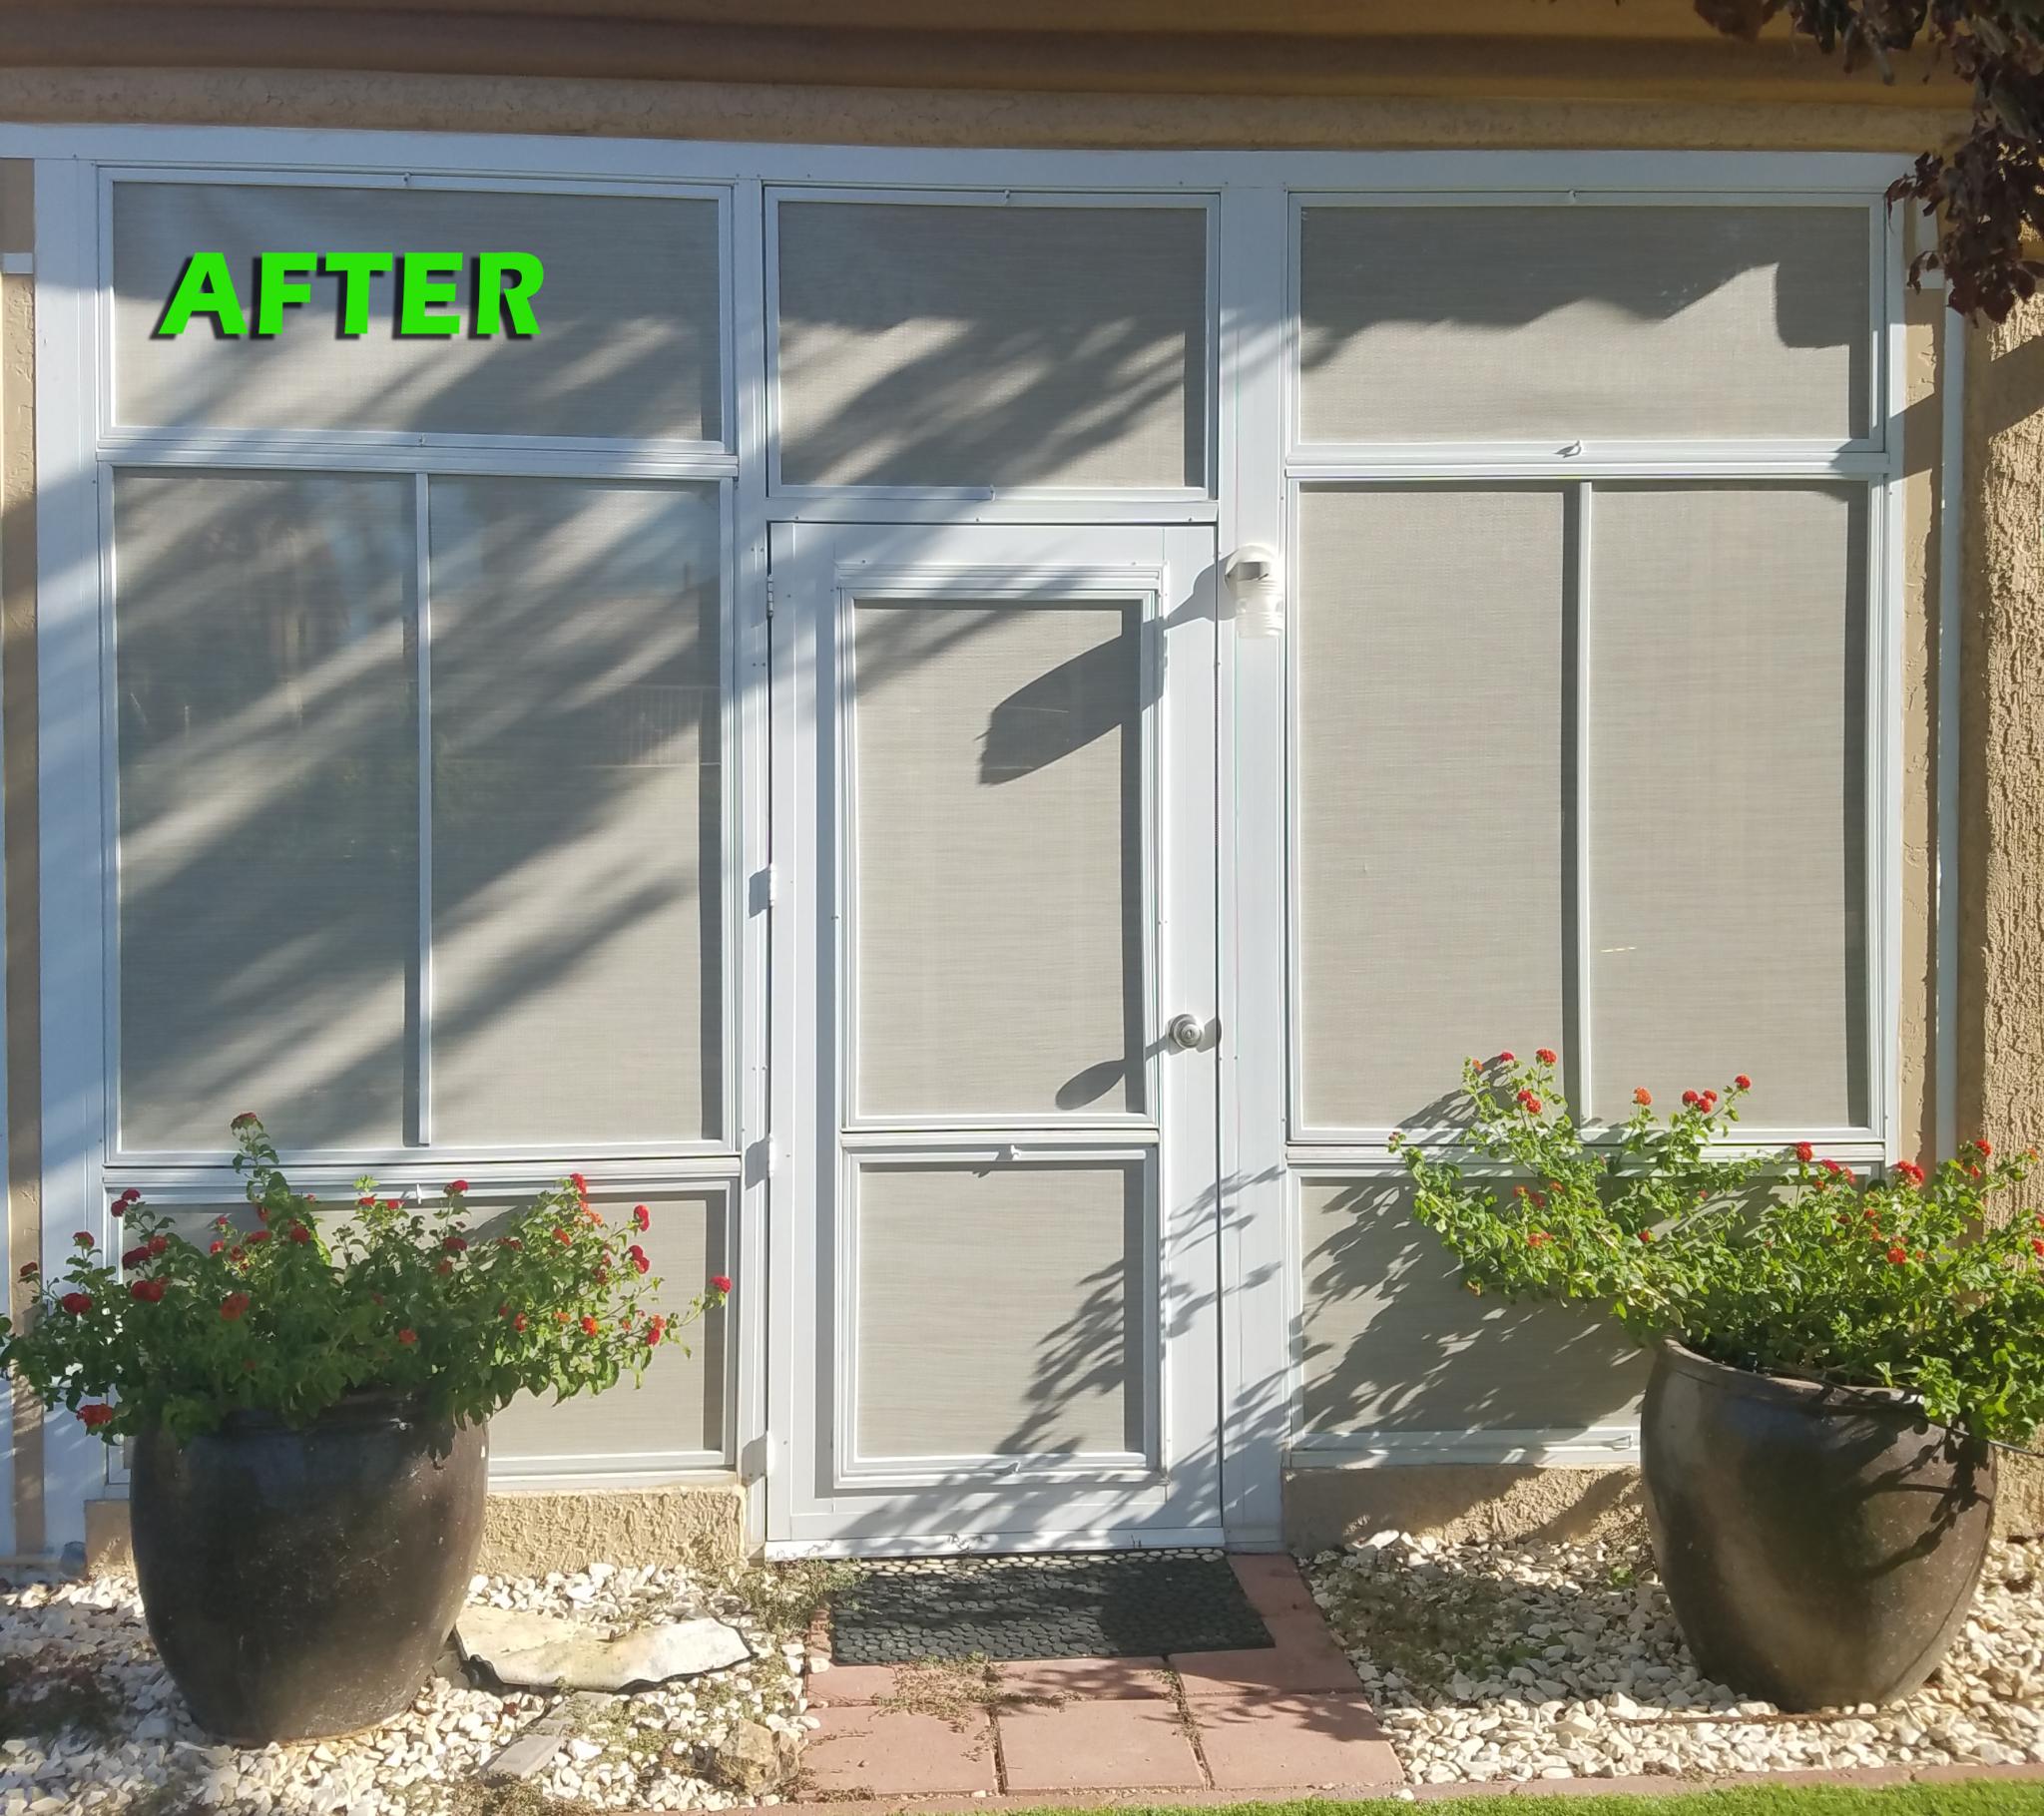 door and surround windows after